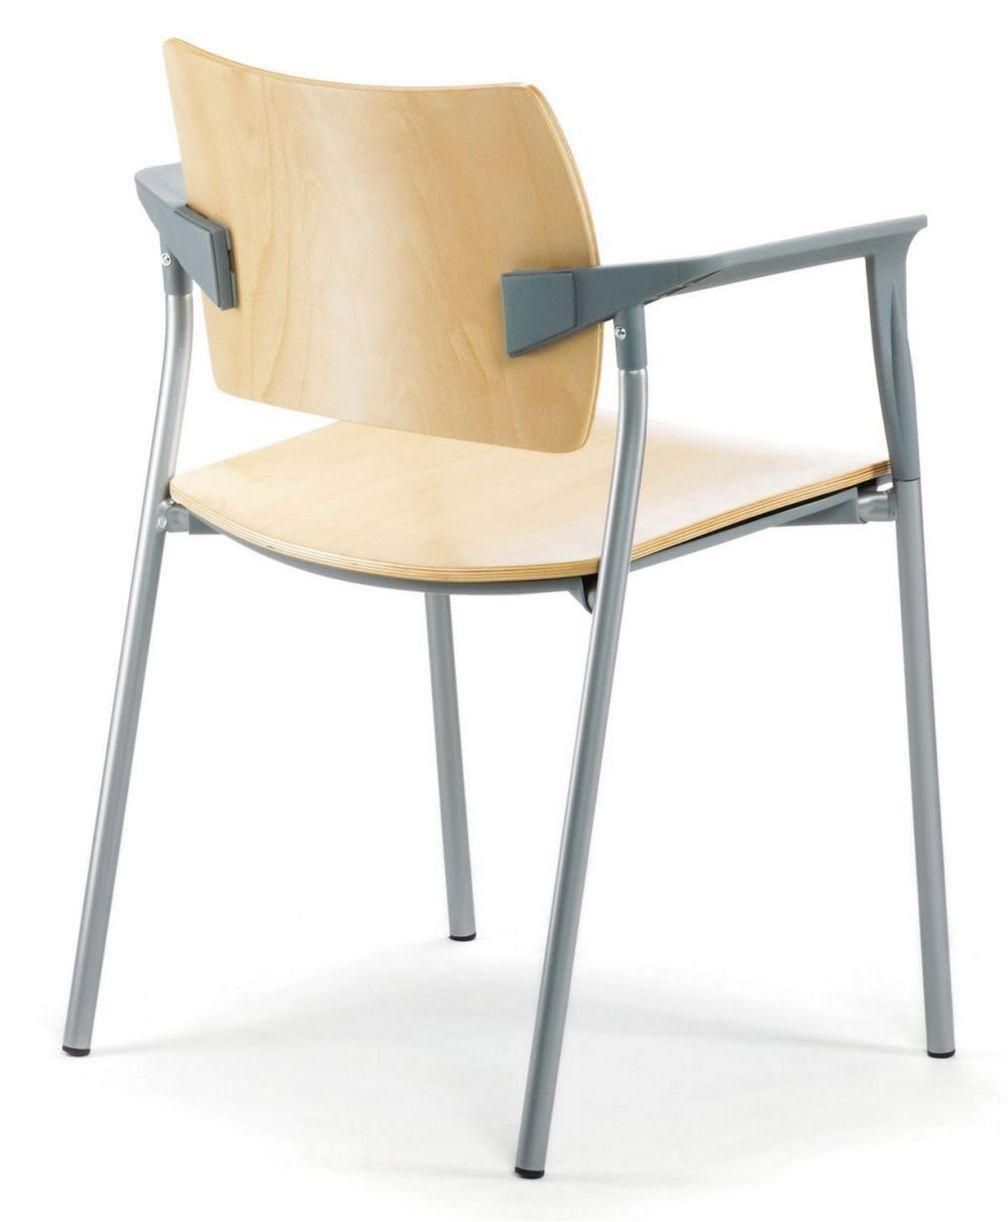 stapelbarer Stuhl mit Reihenverbinder für Veranstaltungen